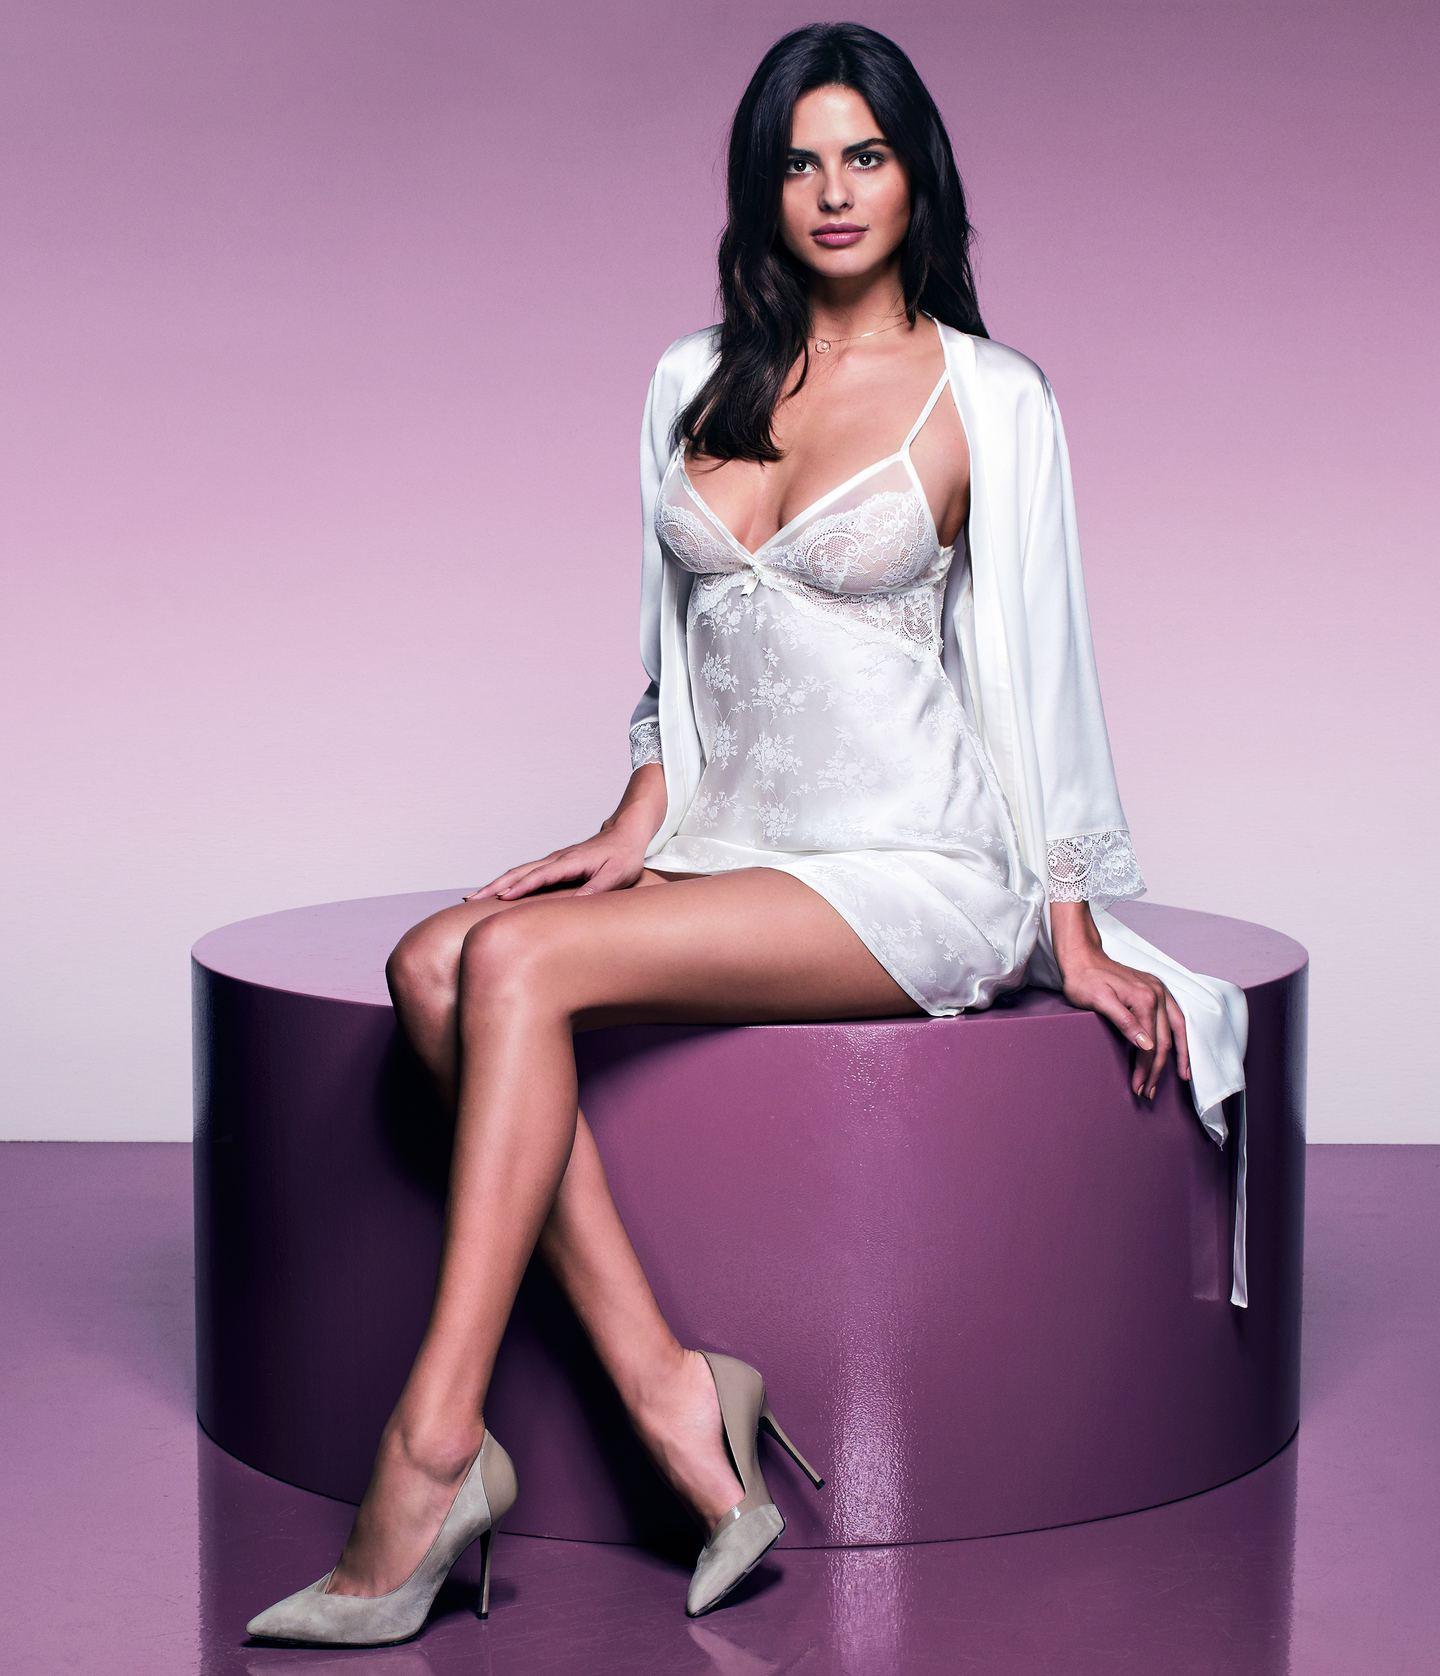 2)Μεταξωτό lingerie dress με floral μοτίβα και ασορτί ρόμπα. 2be2ac904bf